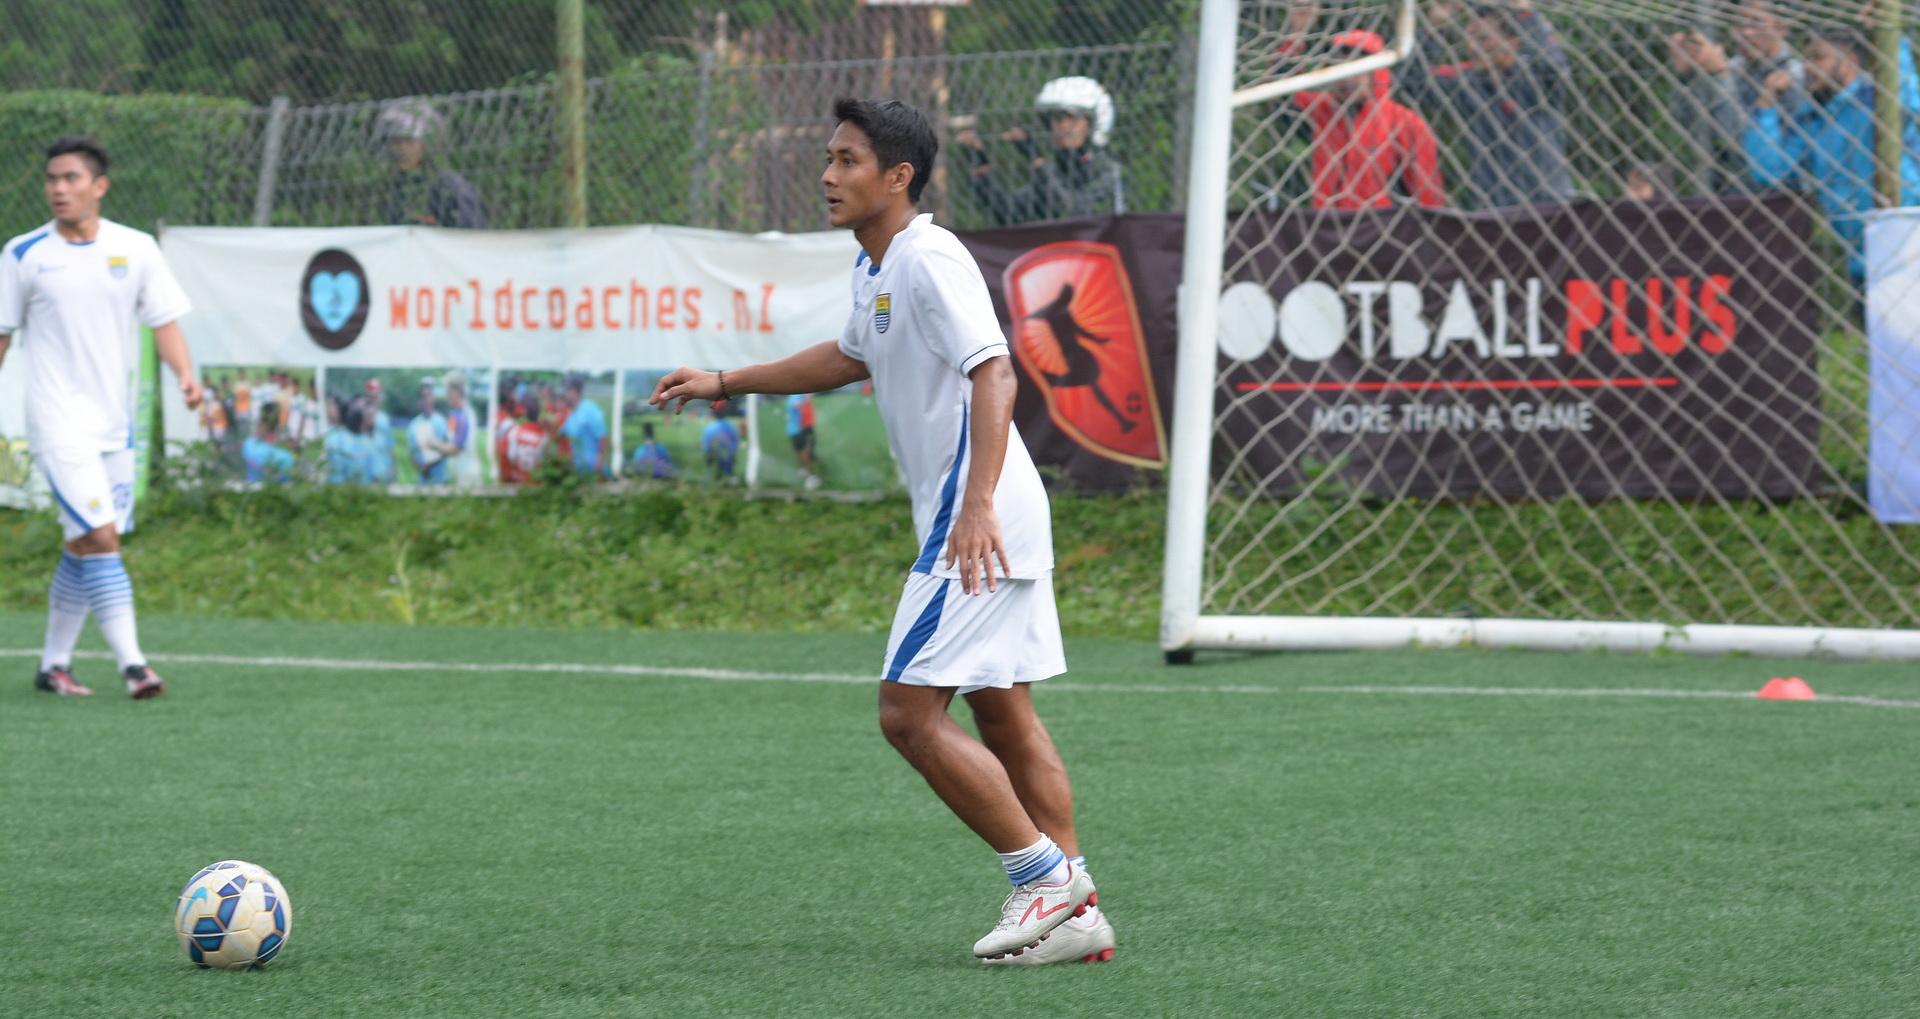 Purwaka Yudhi - Persib Bandung